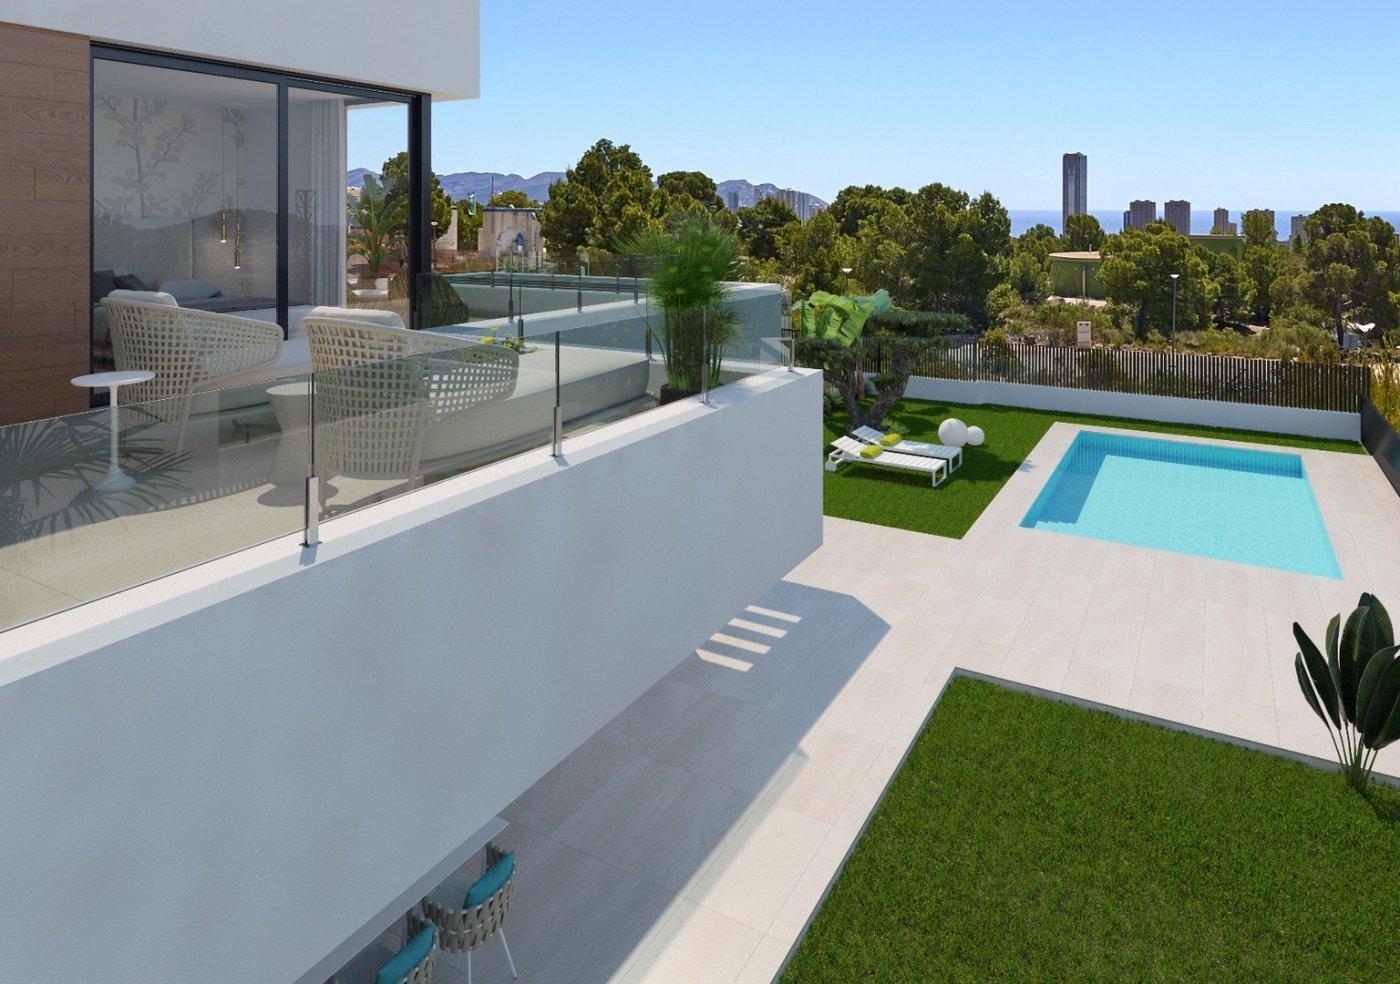 Villas de obra nueva modernas con vistas al mar en sierra cortina - imagenInmueble4